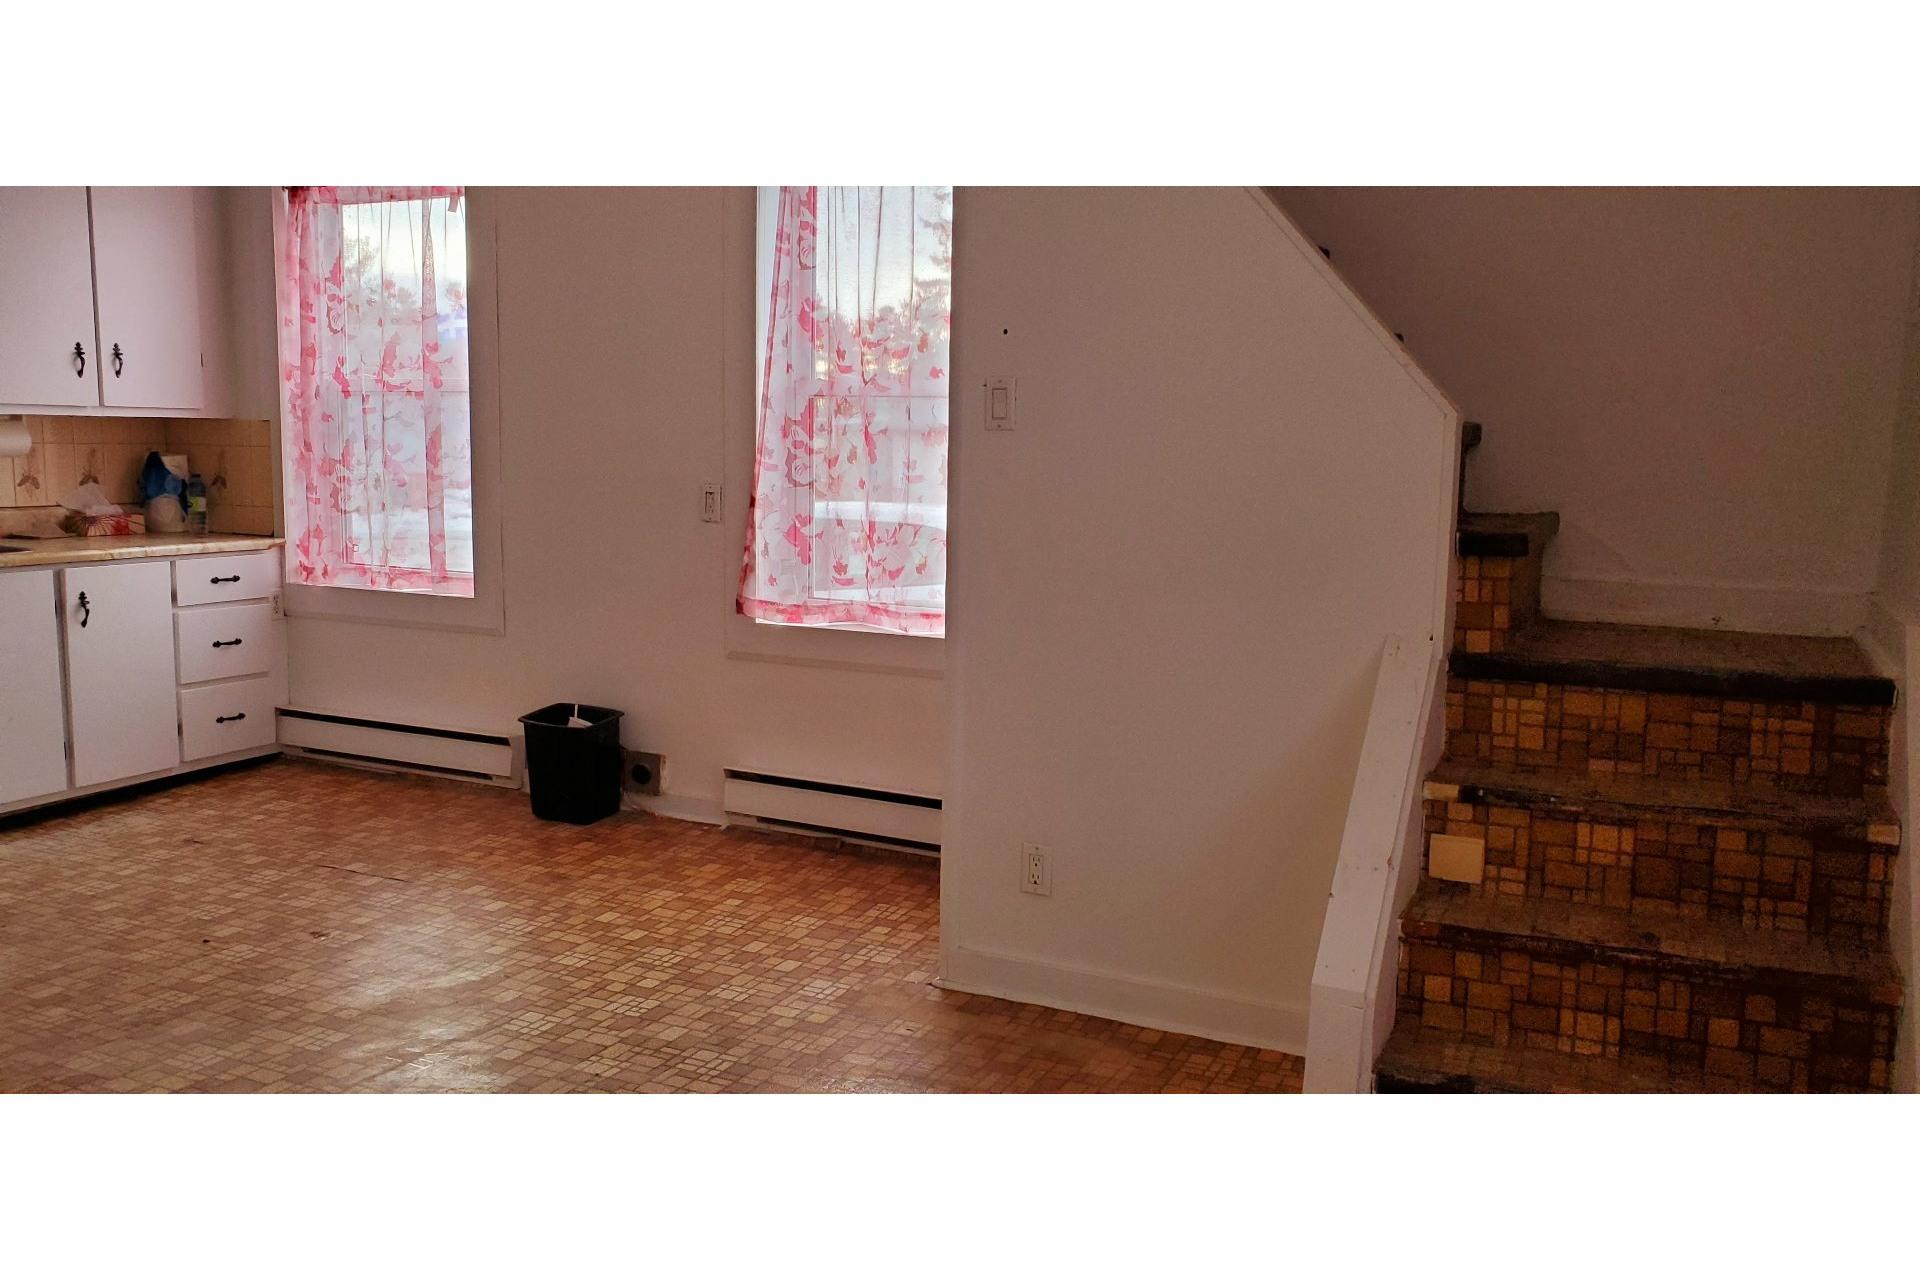 image 14 - Maison À vendre Trois-Rivières - 6 pièces